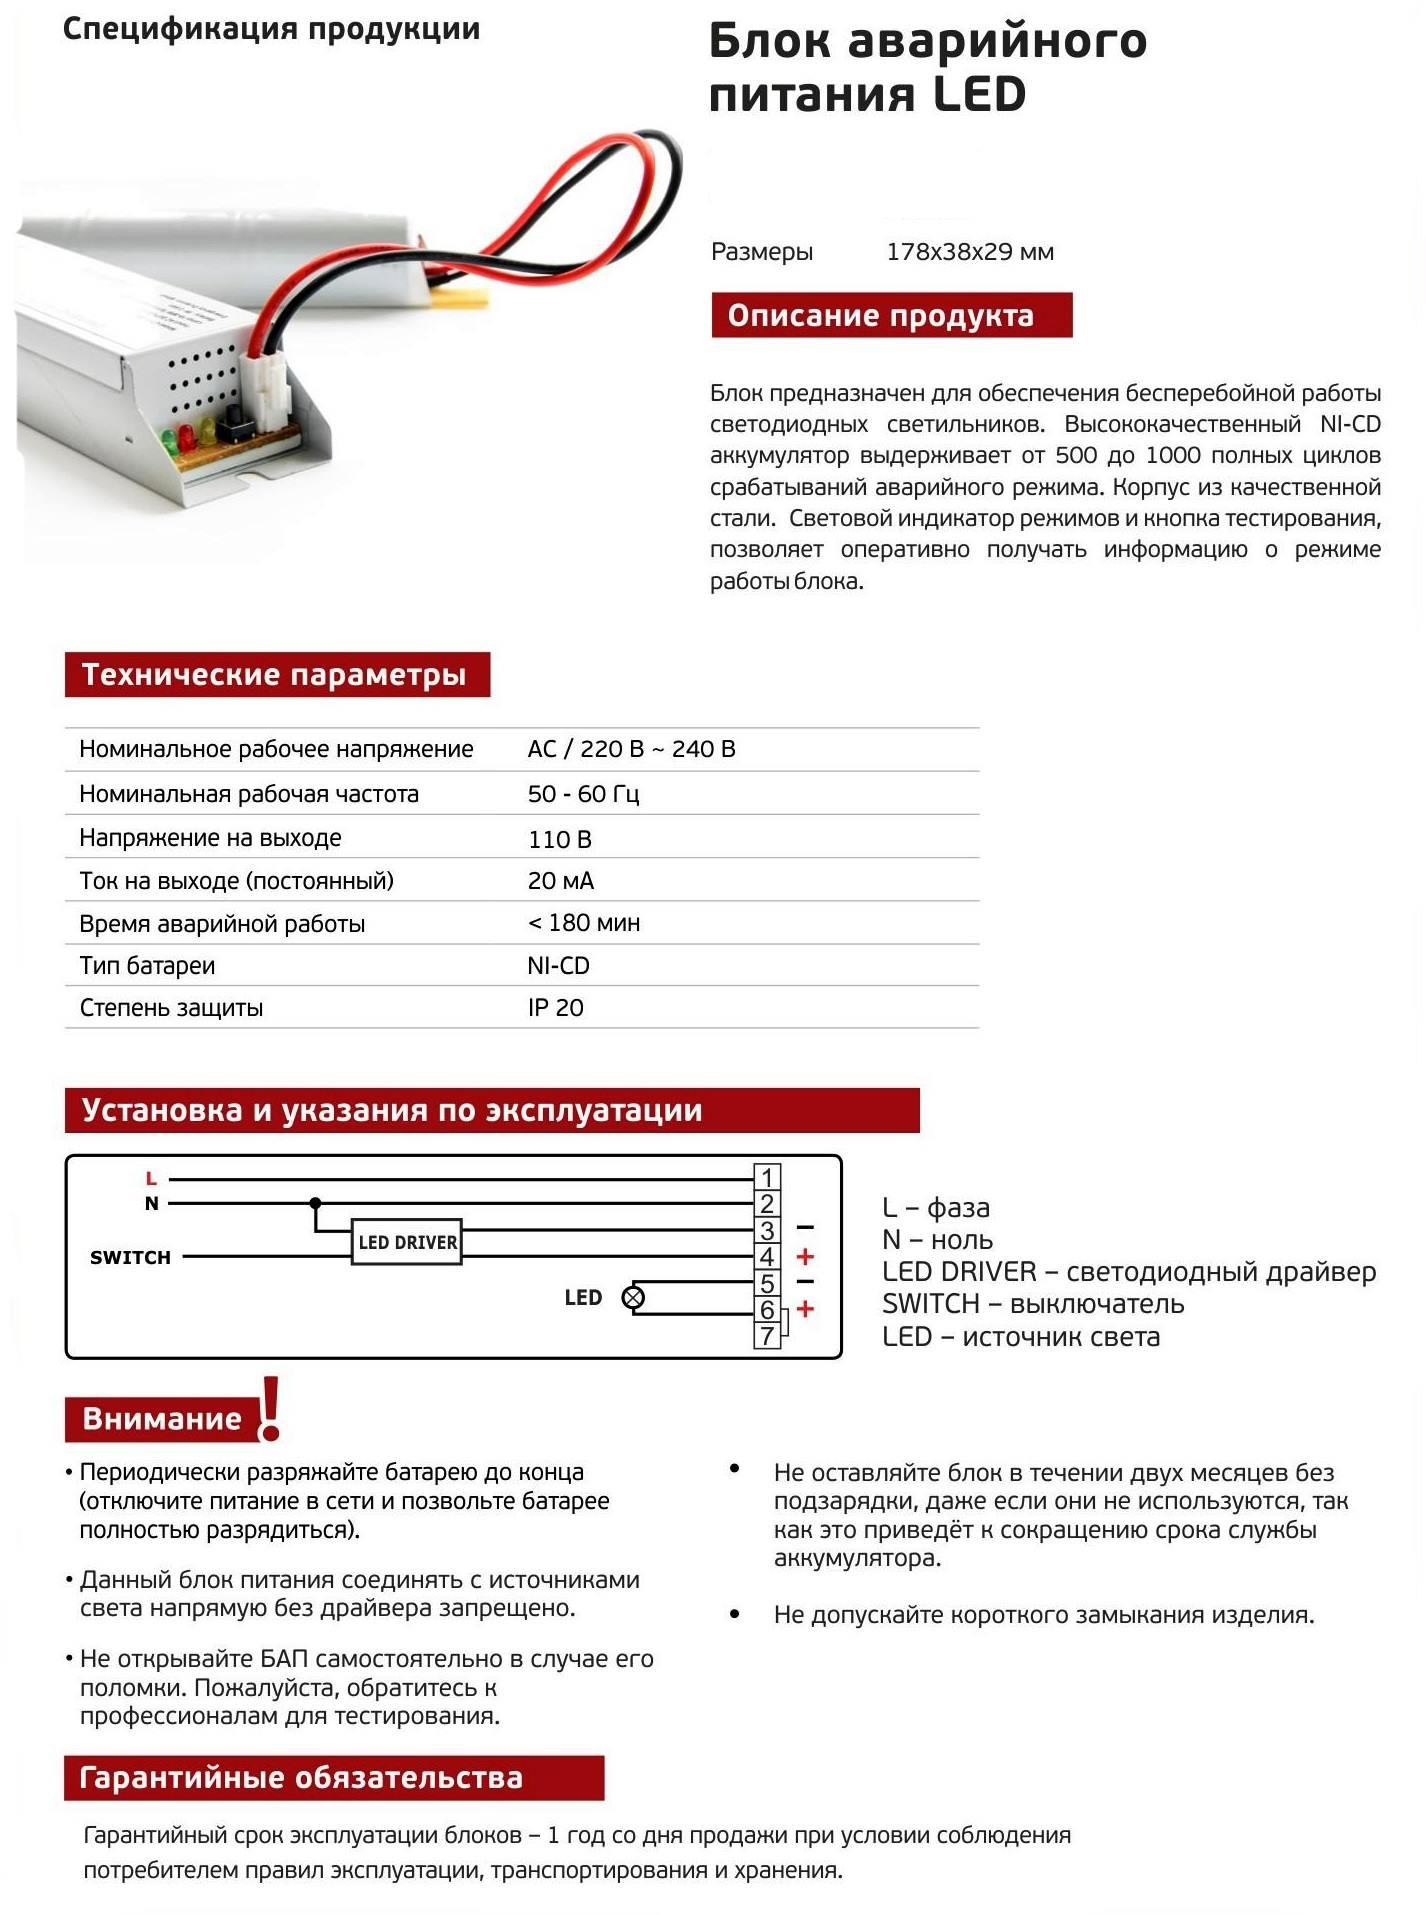 Аварийные светильники – правила расположения, конструктивные особенности и варианты подключения (95 фото)